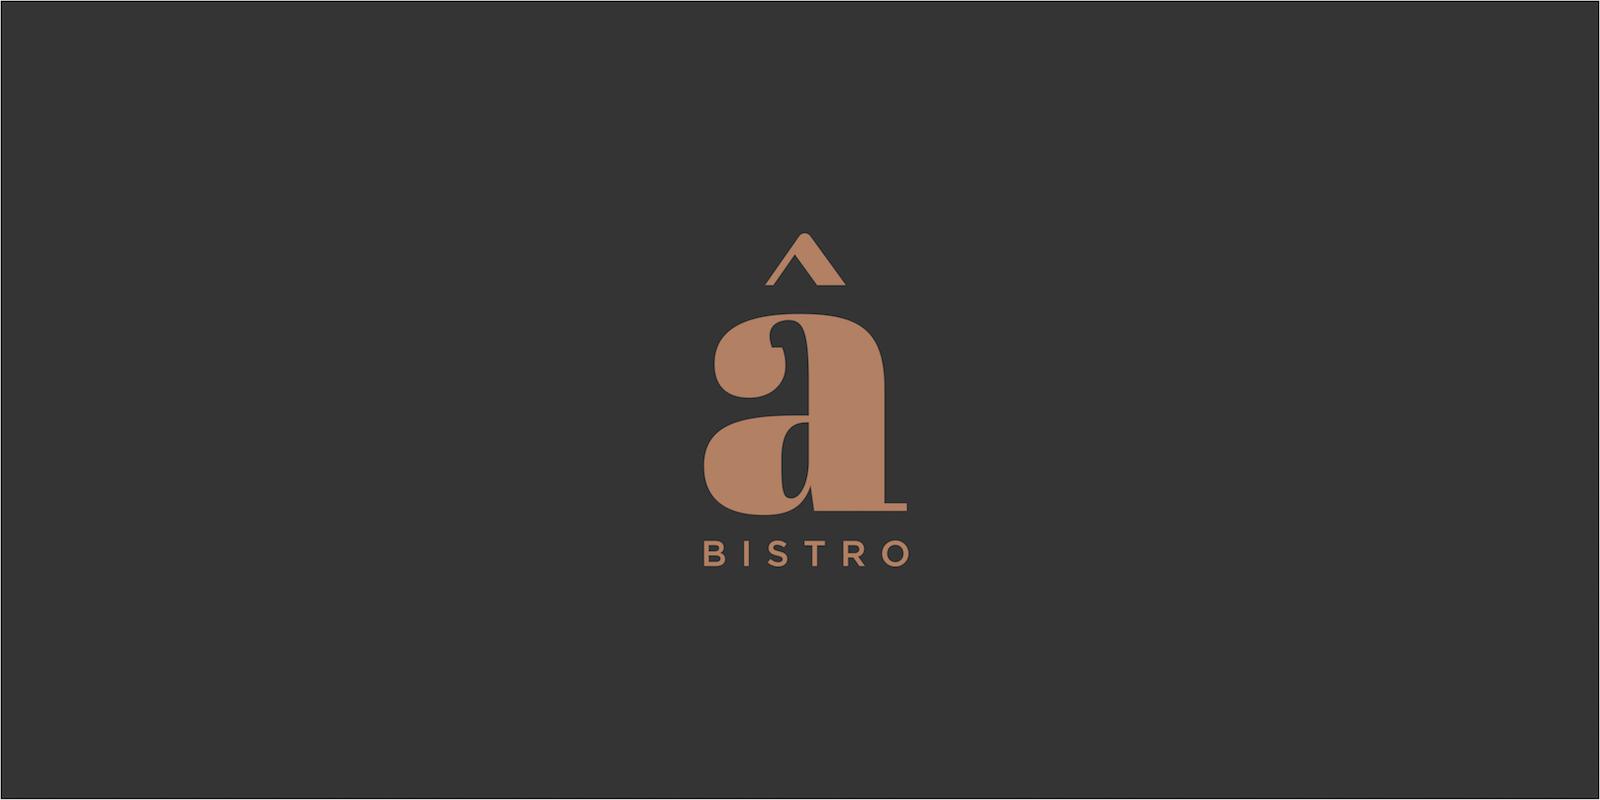 upscale bistro logo design sub brand